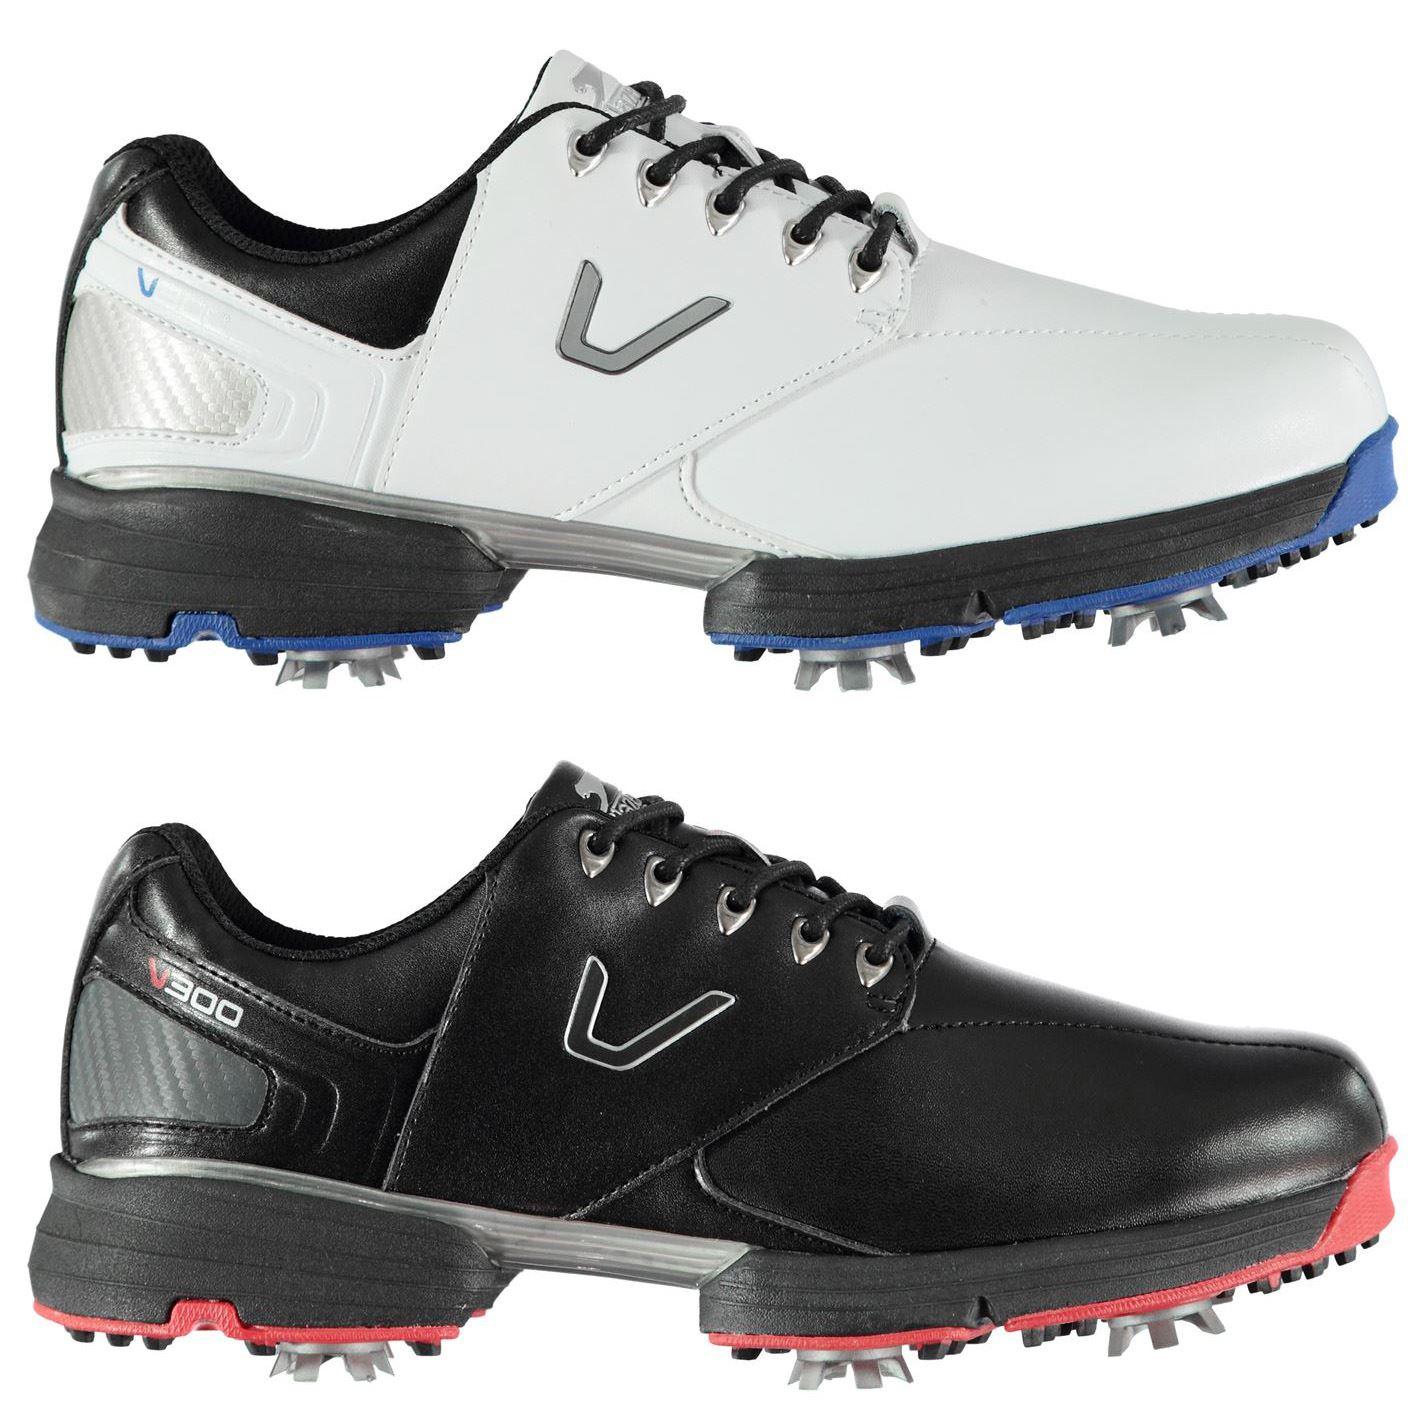 2dc55888659 ... Slazenger V300 Golf Shoes Mens Spikes Footwear ...